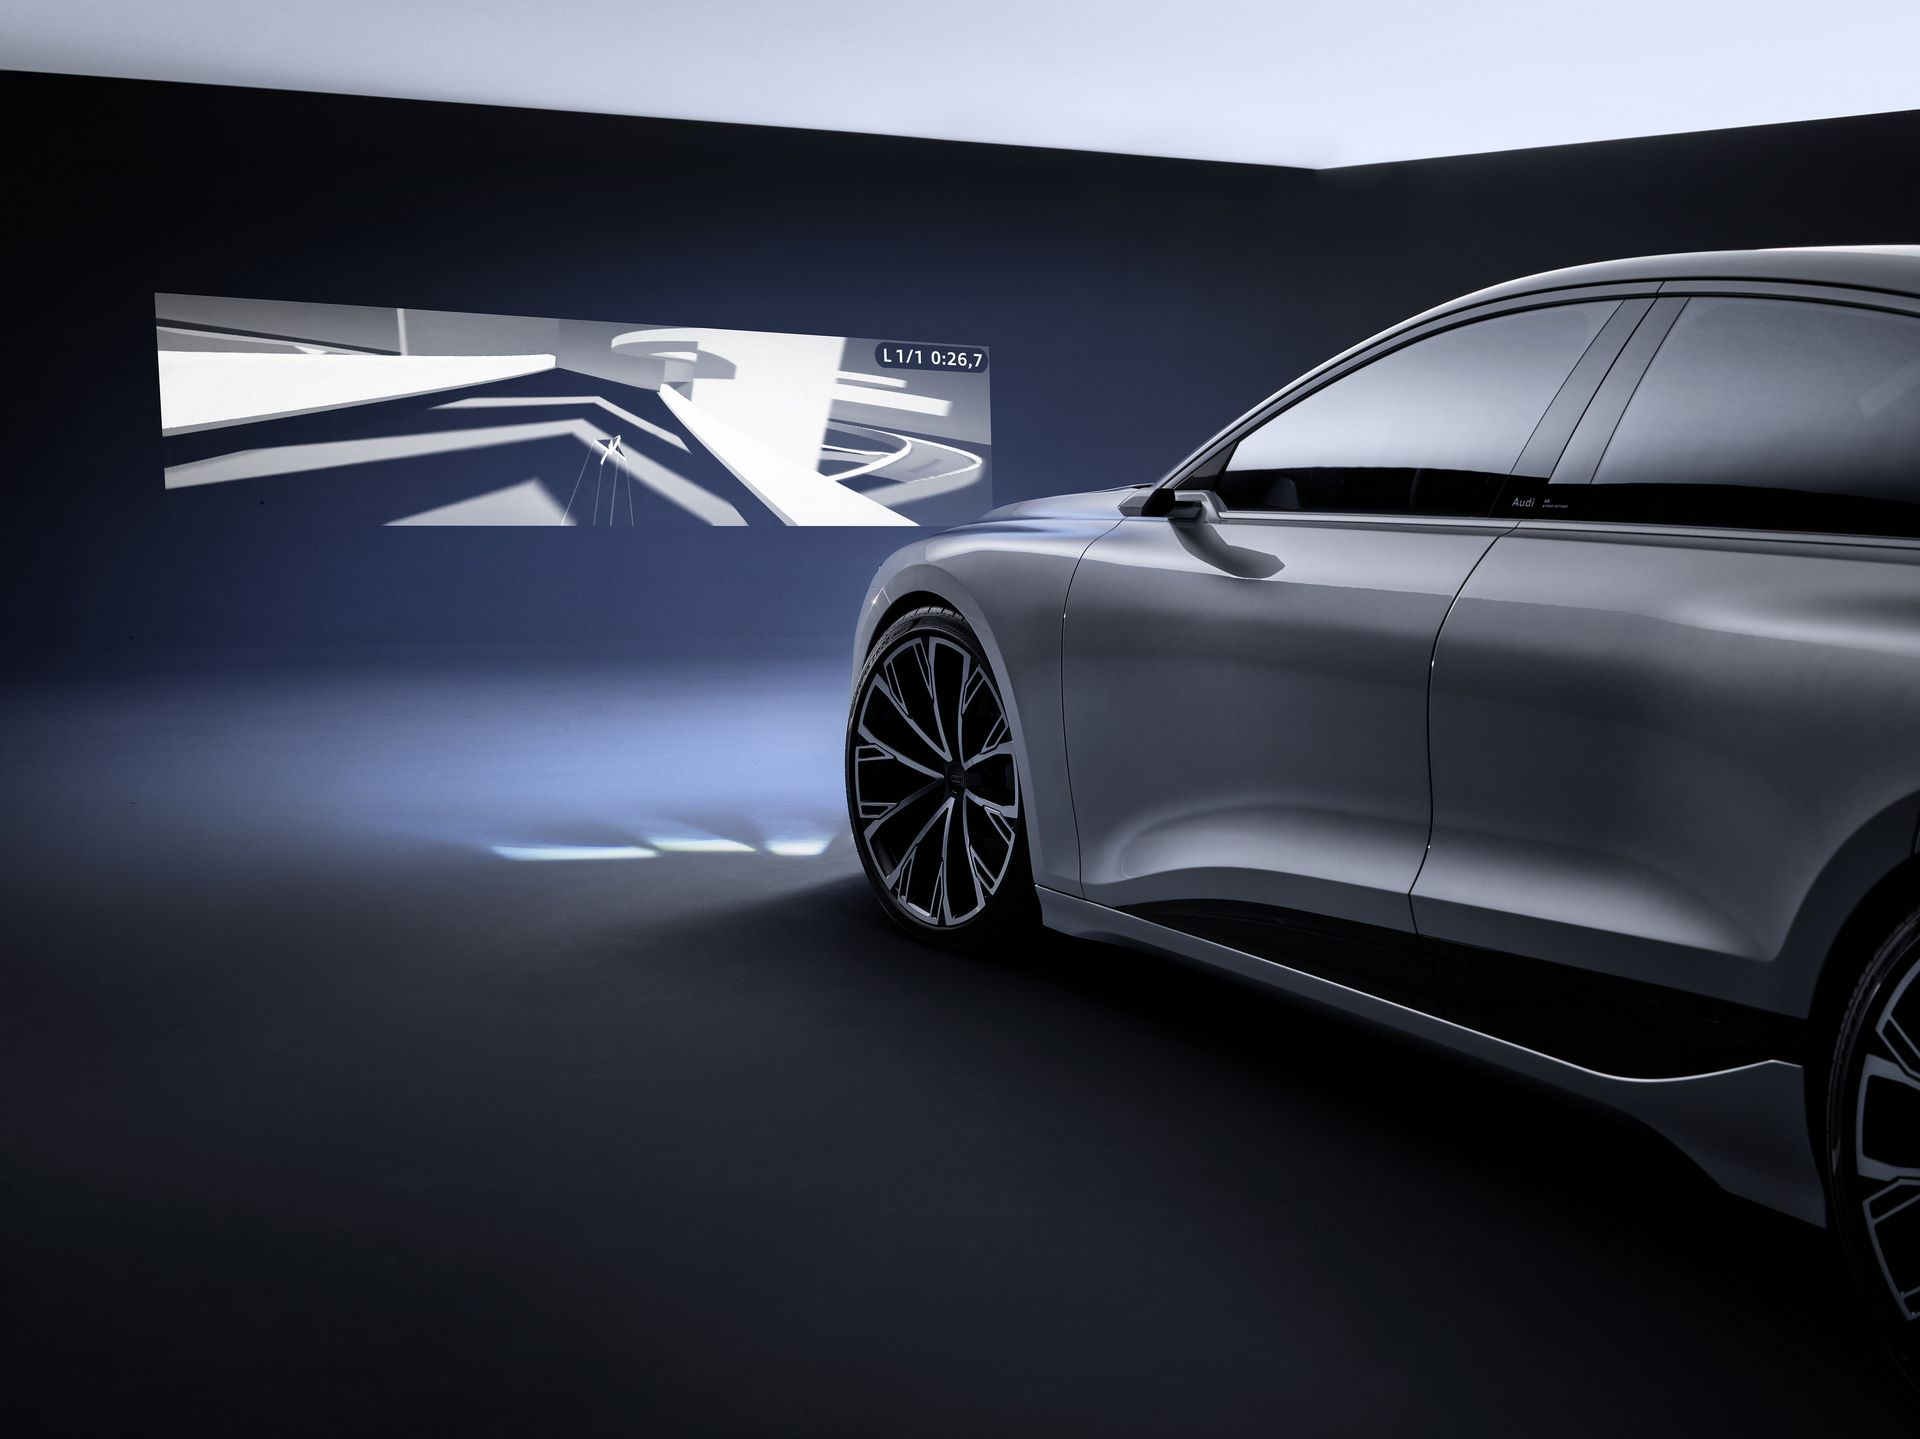 Audi-A6-e-tron-concept-57